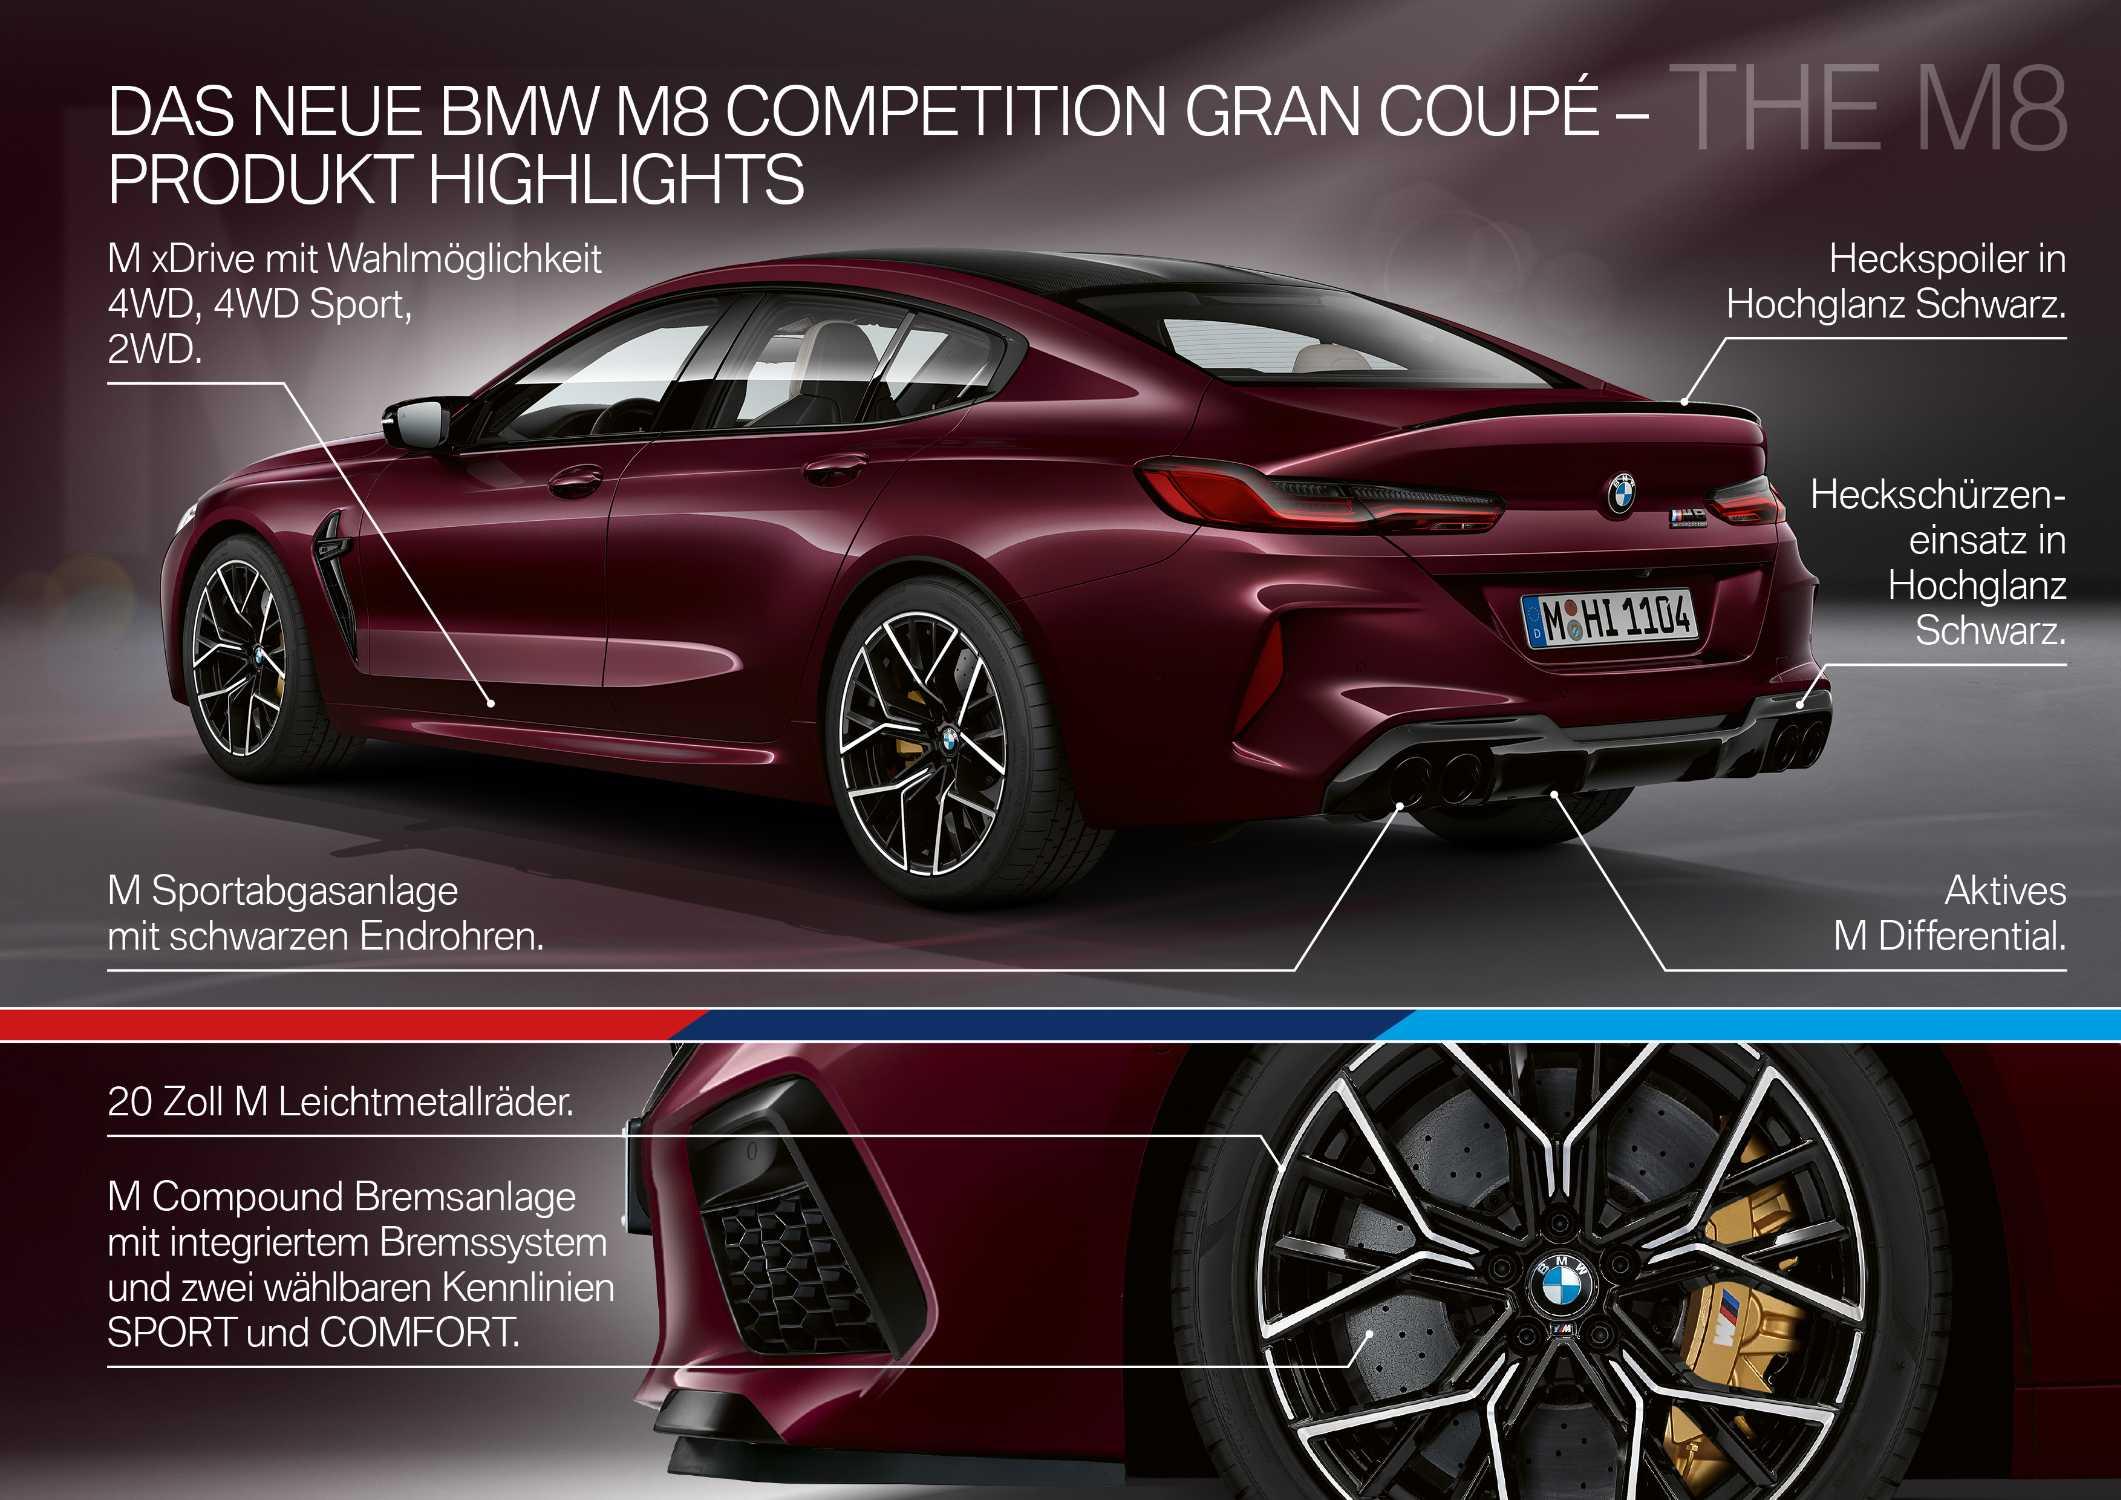 Das neue BMW M8 Gran Coupé und BMW M8 Competition Gran Coupé (10/2019).